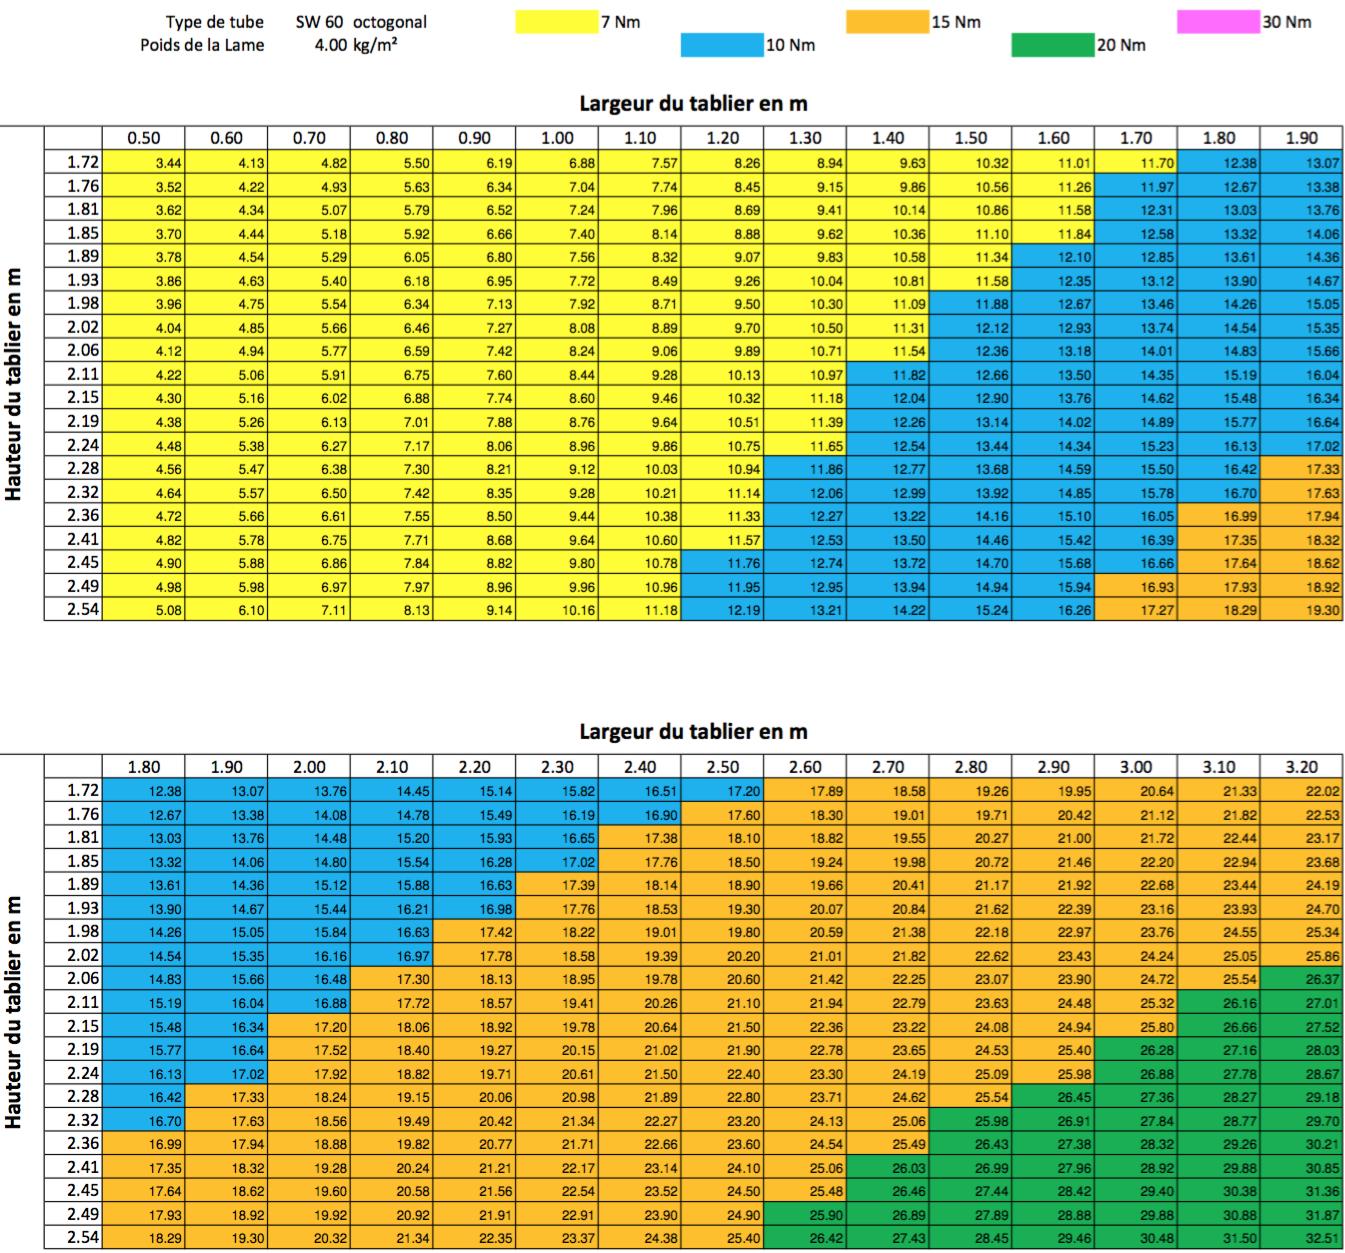 Tableau de choix des moteurs de volet roulant TOUTPOURLESVOLETS.COM pour une lame d'épaisseur 8 mm